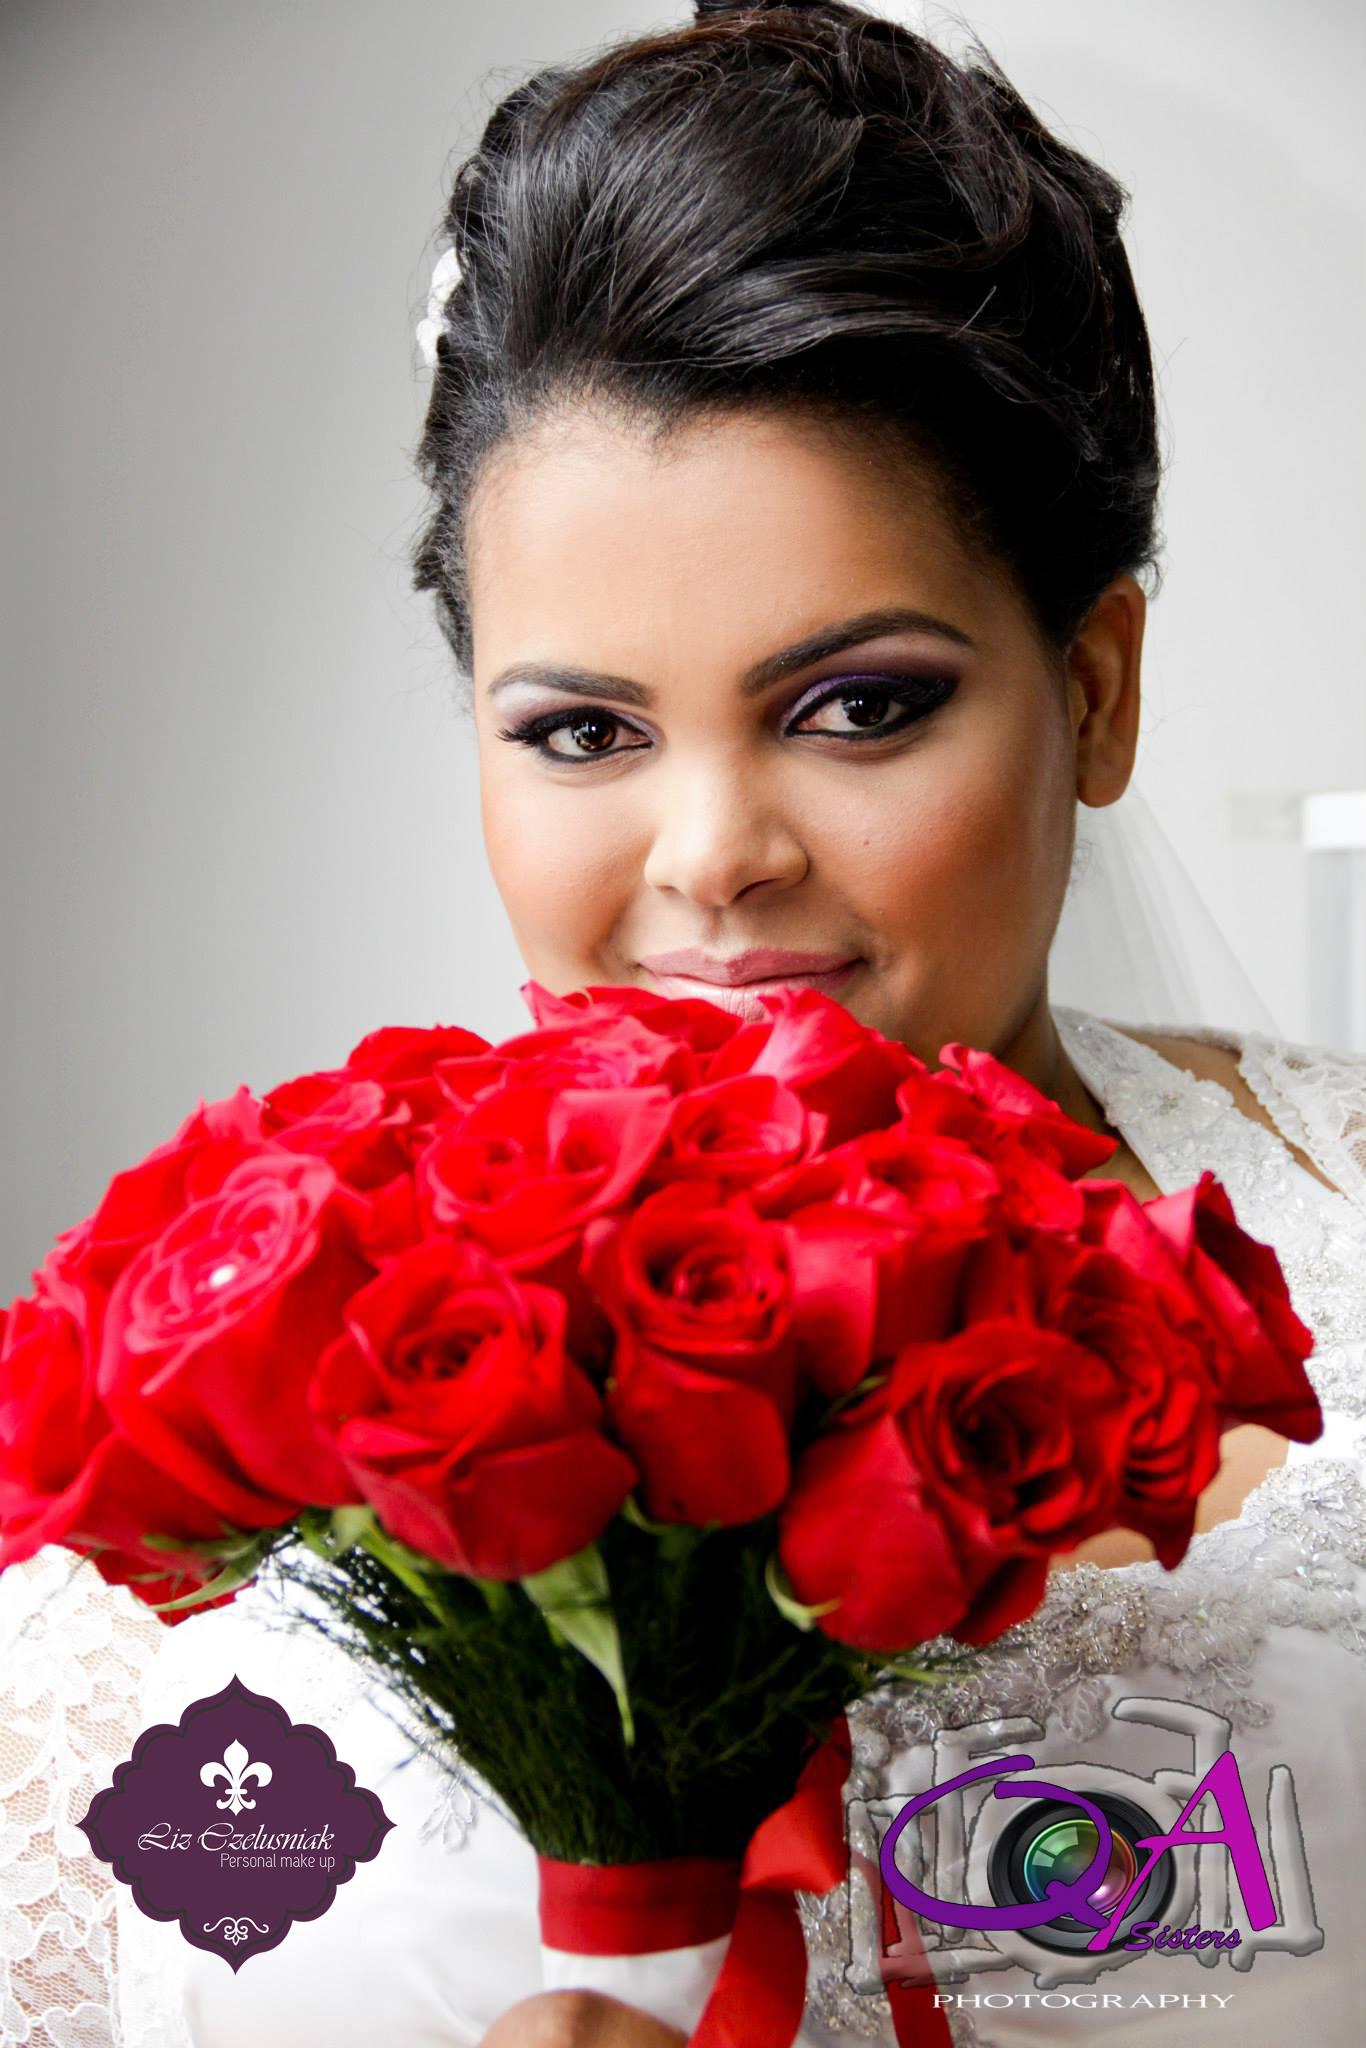 Noiva - Make by Liz Czelusniak Make#esfumado#roxo#vinho#prata#Noiva#Casamento#by#LizCzelusniak maquiador(a) cabeleireiro(a) designer de sobrancelhas